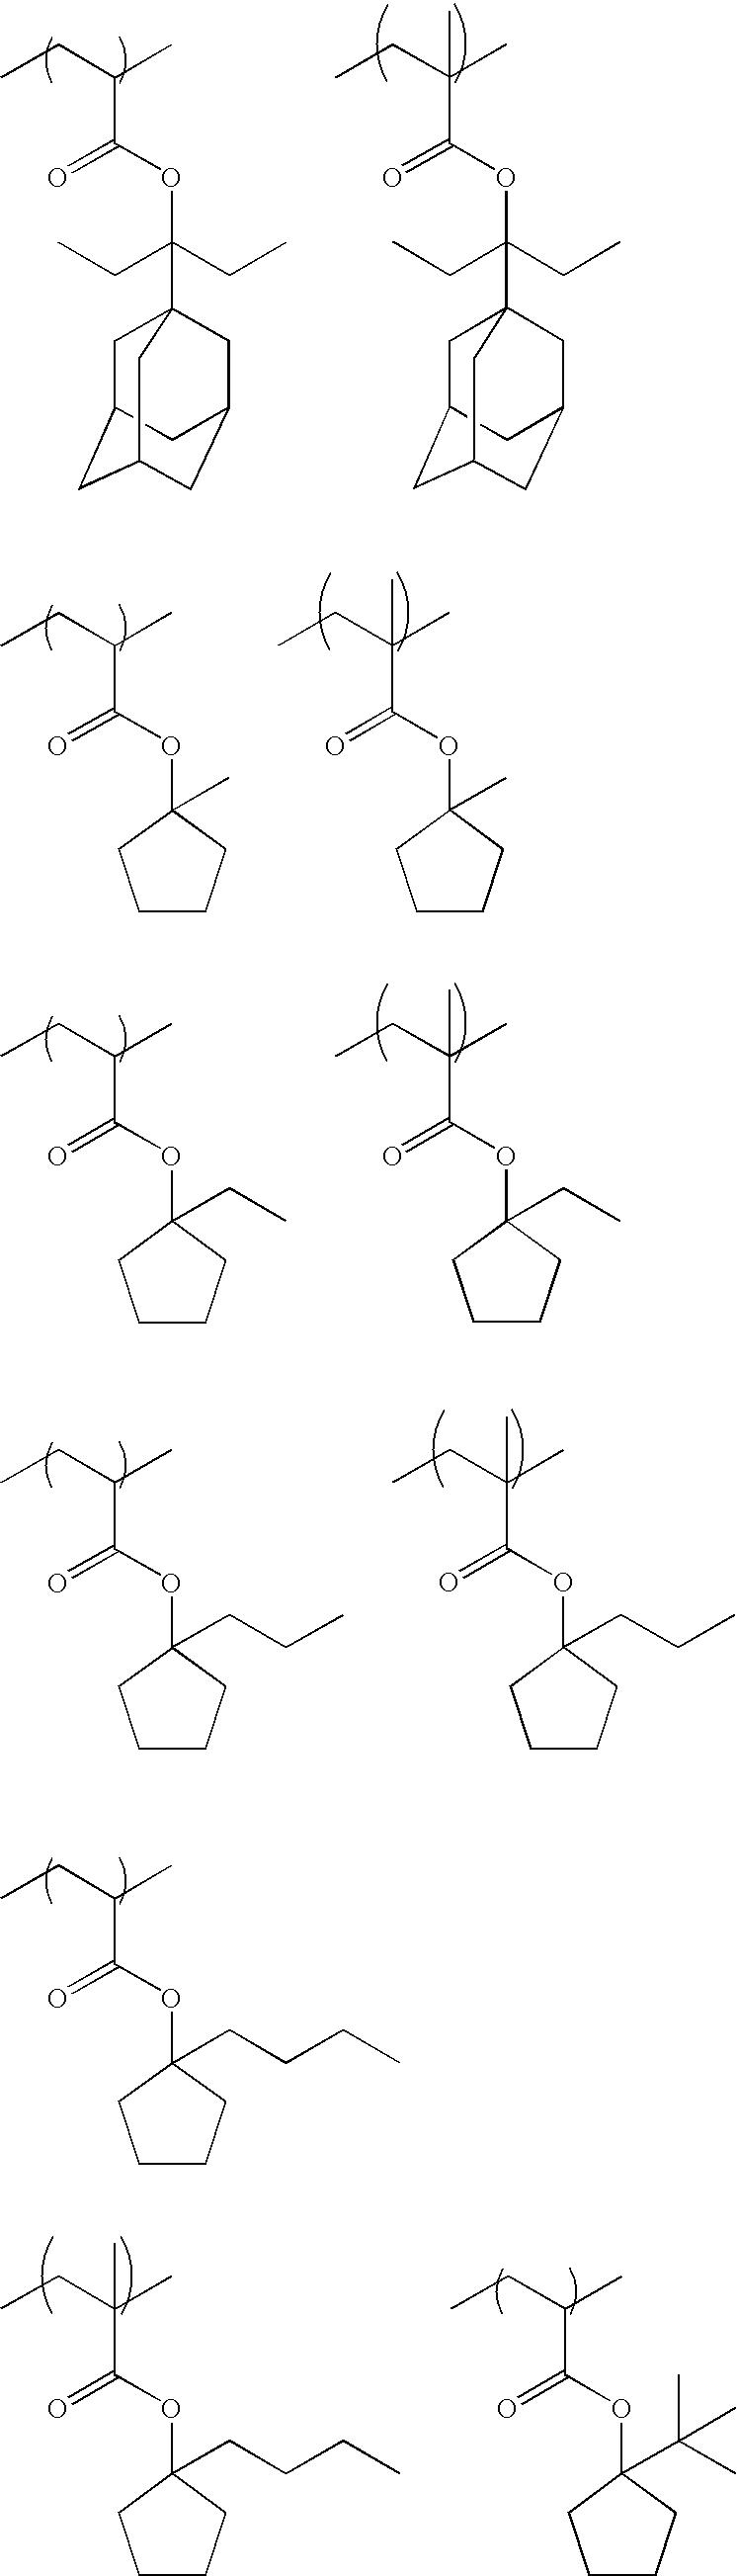 Figure US20090280434A1-20091112-C00043